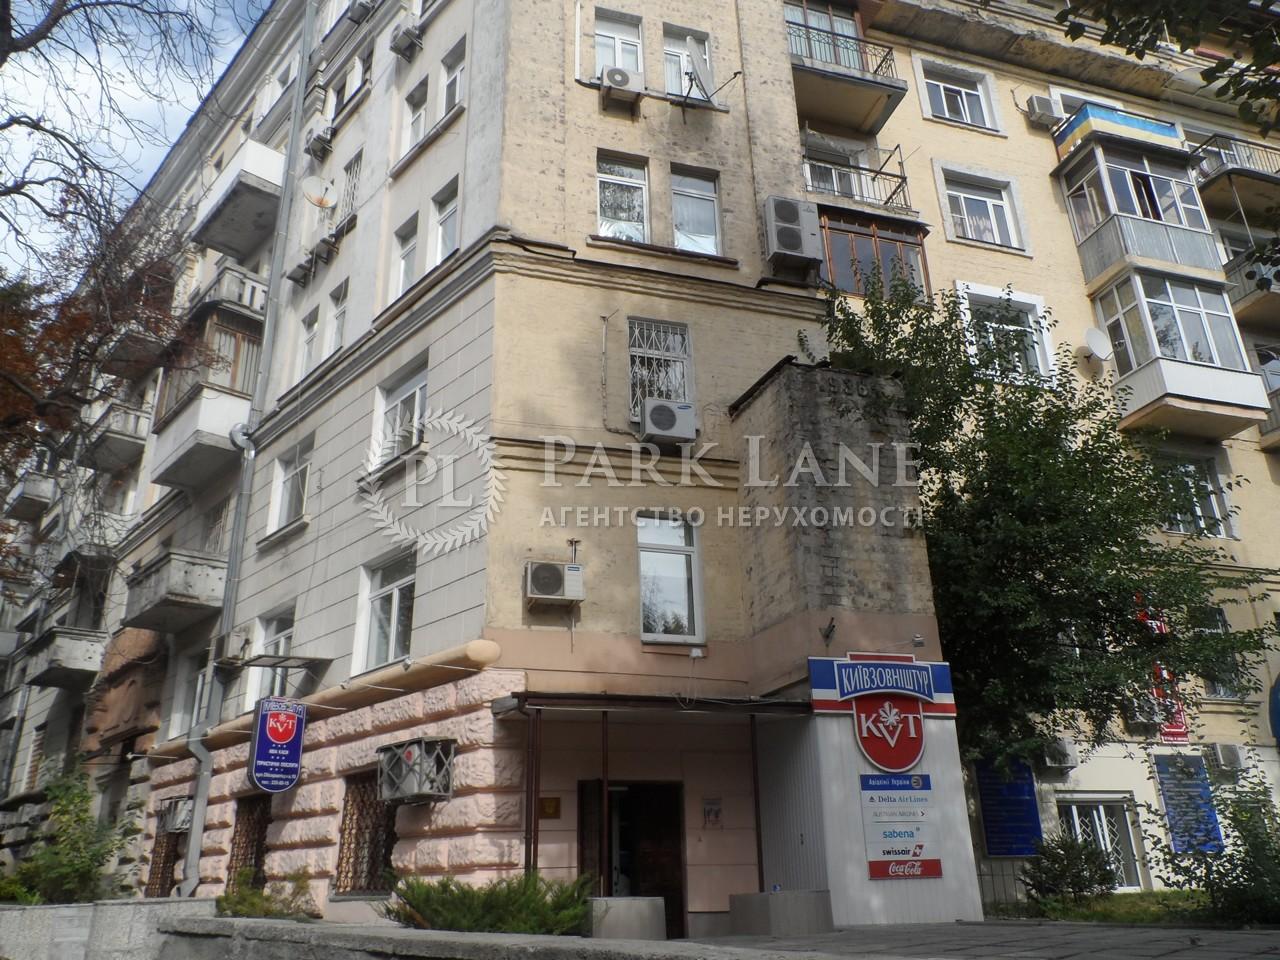 Квартира ул. Обсерваторная, 10, Киев, J-26356 - Фото 1